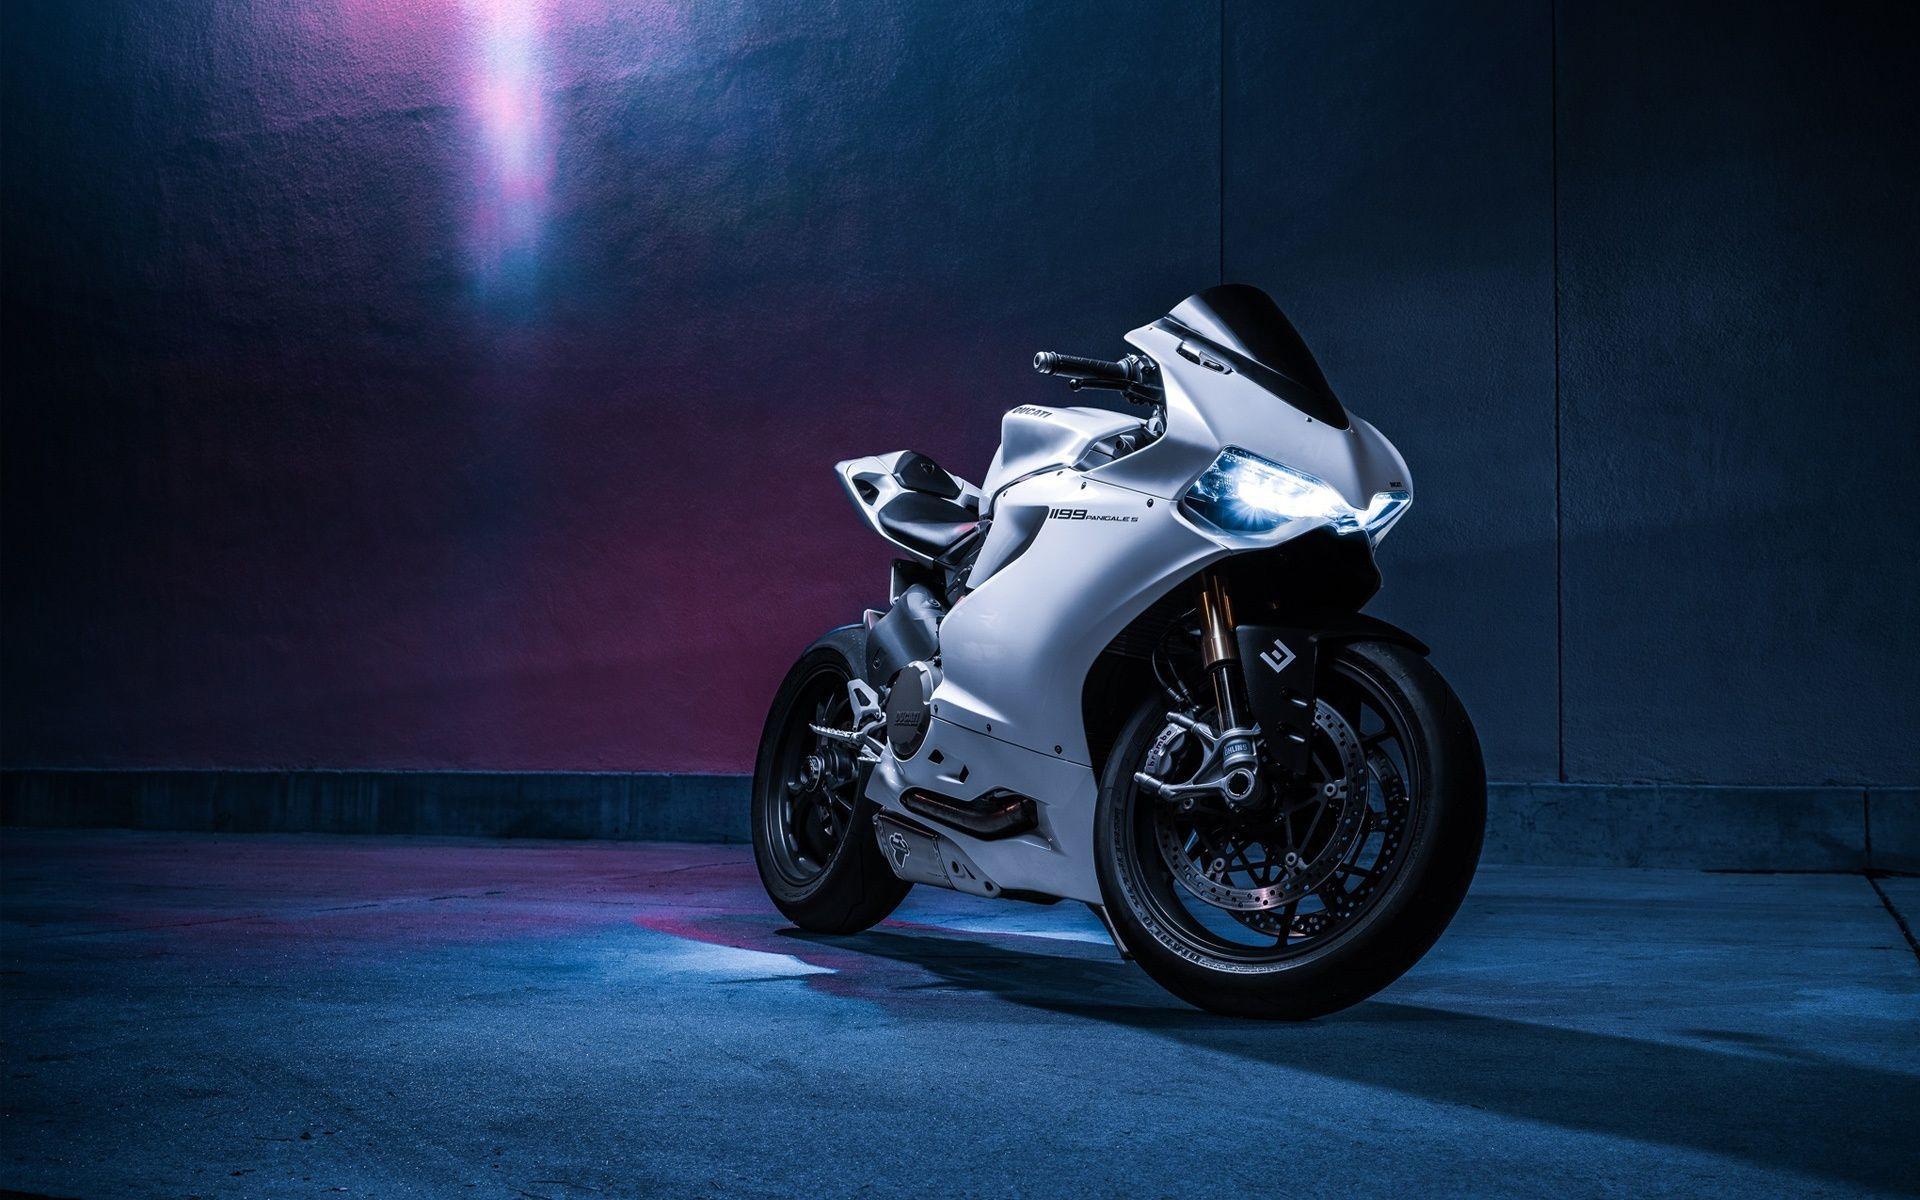 картинки для телефона мотоциклы экзоскелеты используются